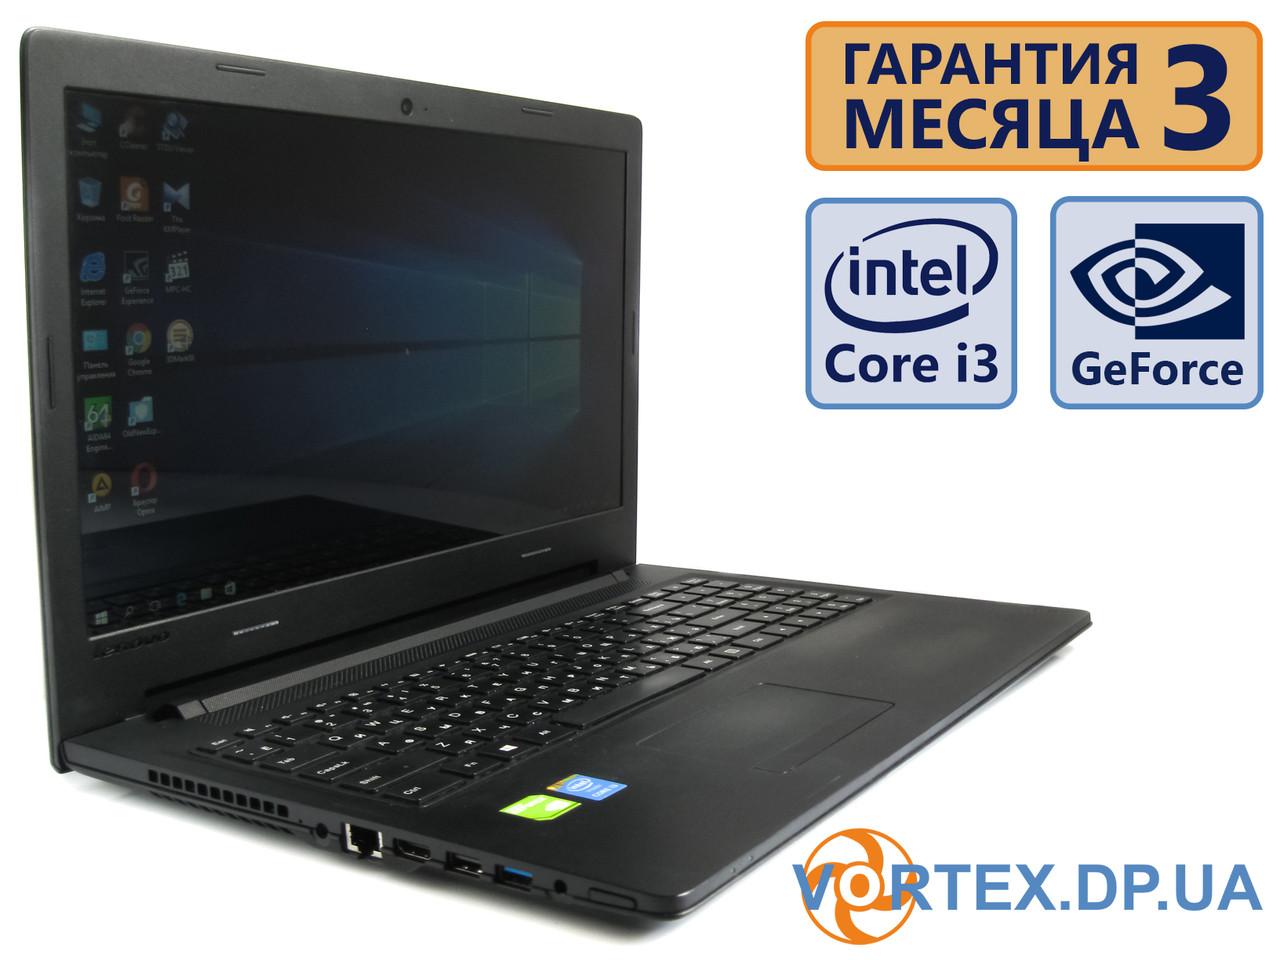 Ноутбук Lenovo Ideapad 100-15ibd 15.6 (1366x768) / Intel Core i3-5005U